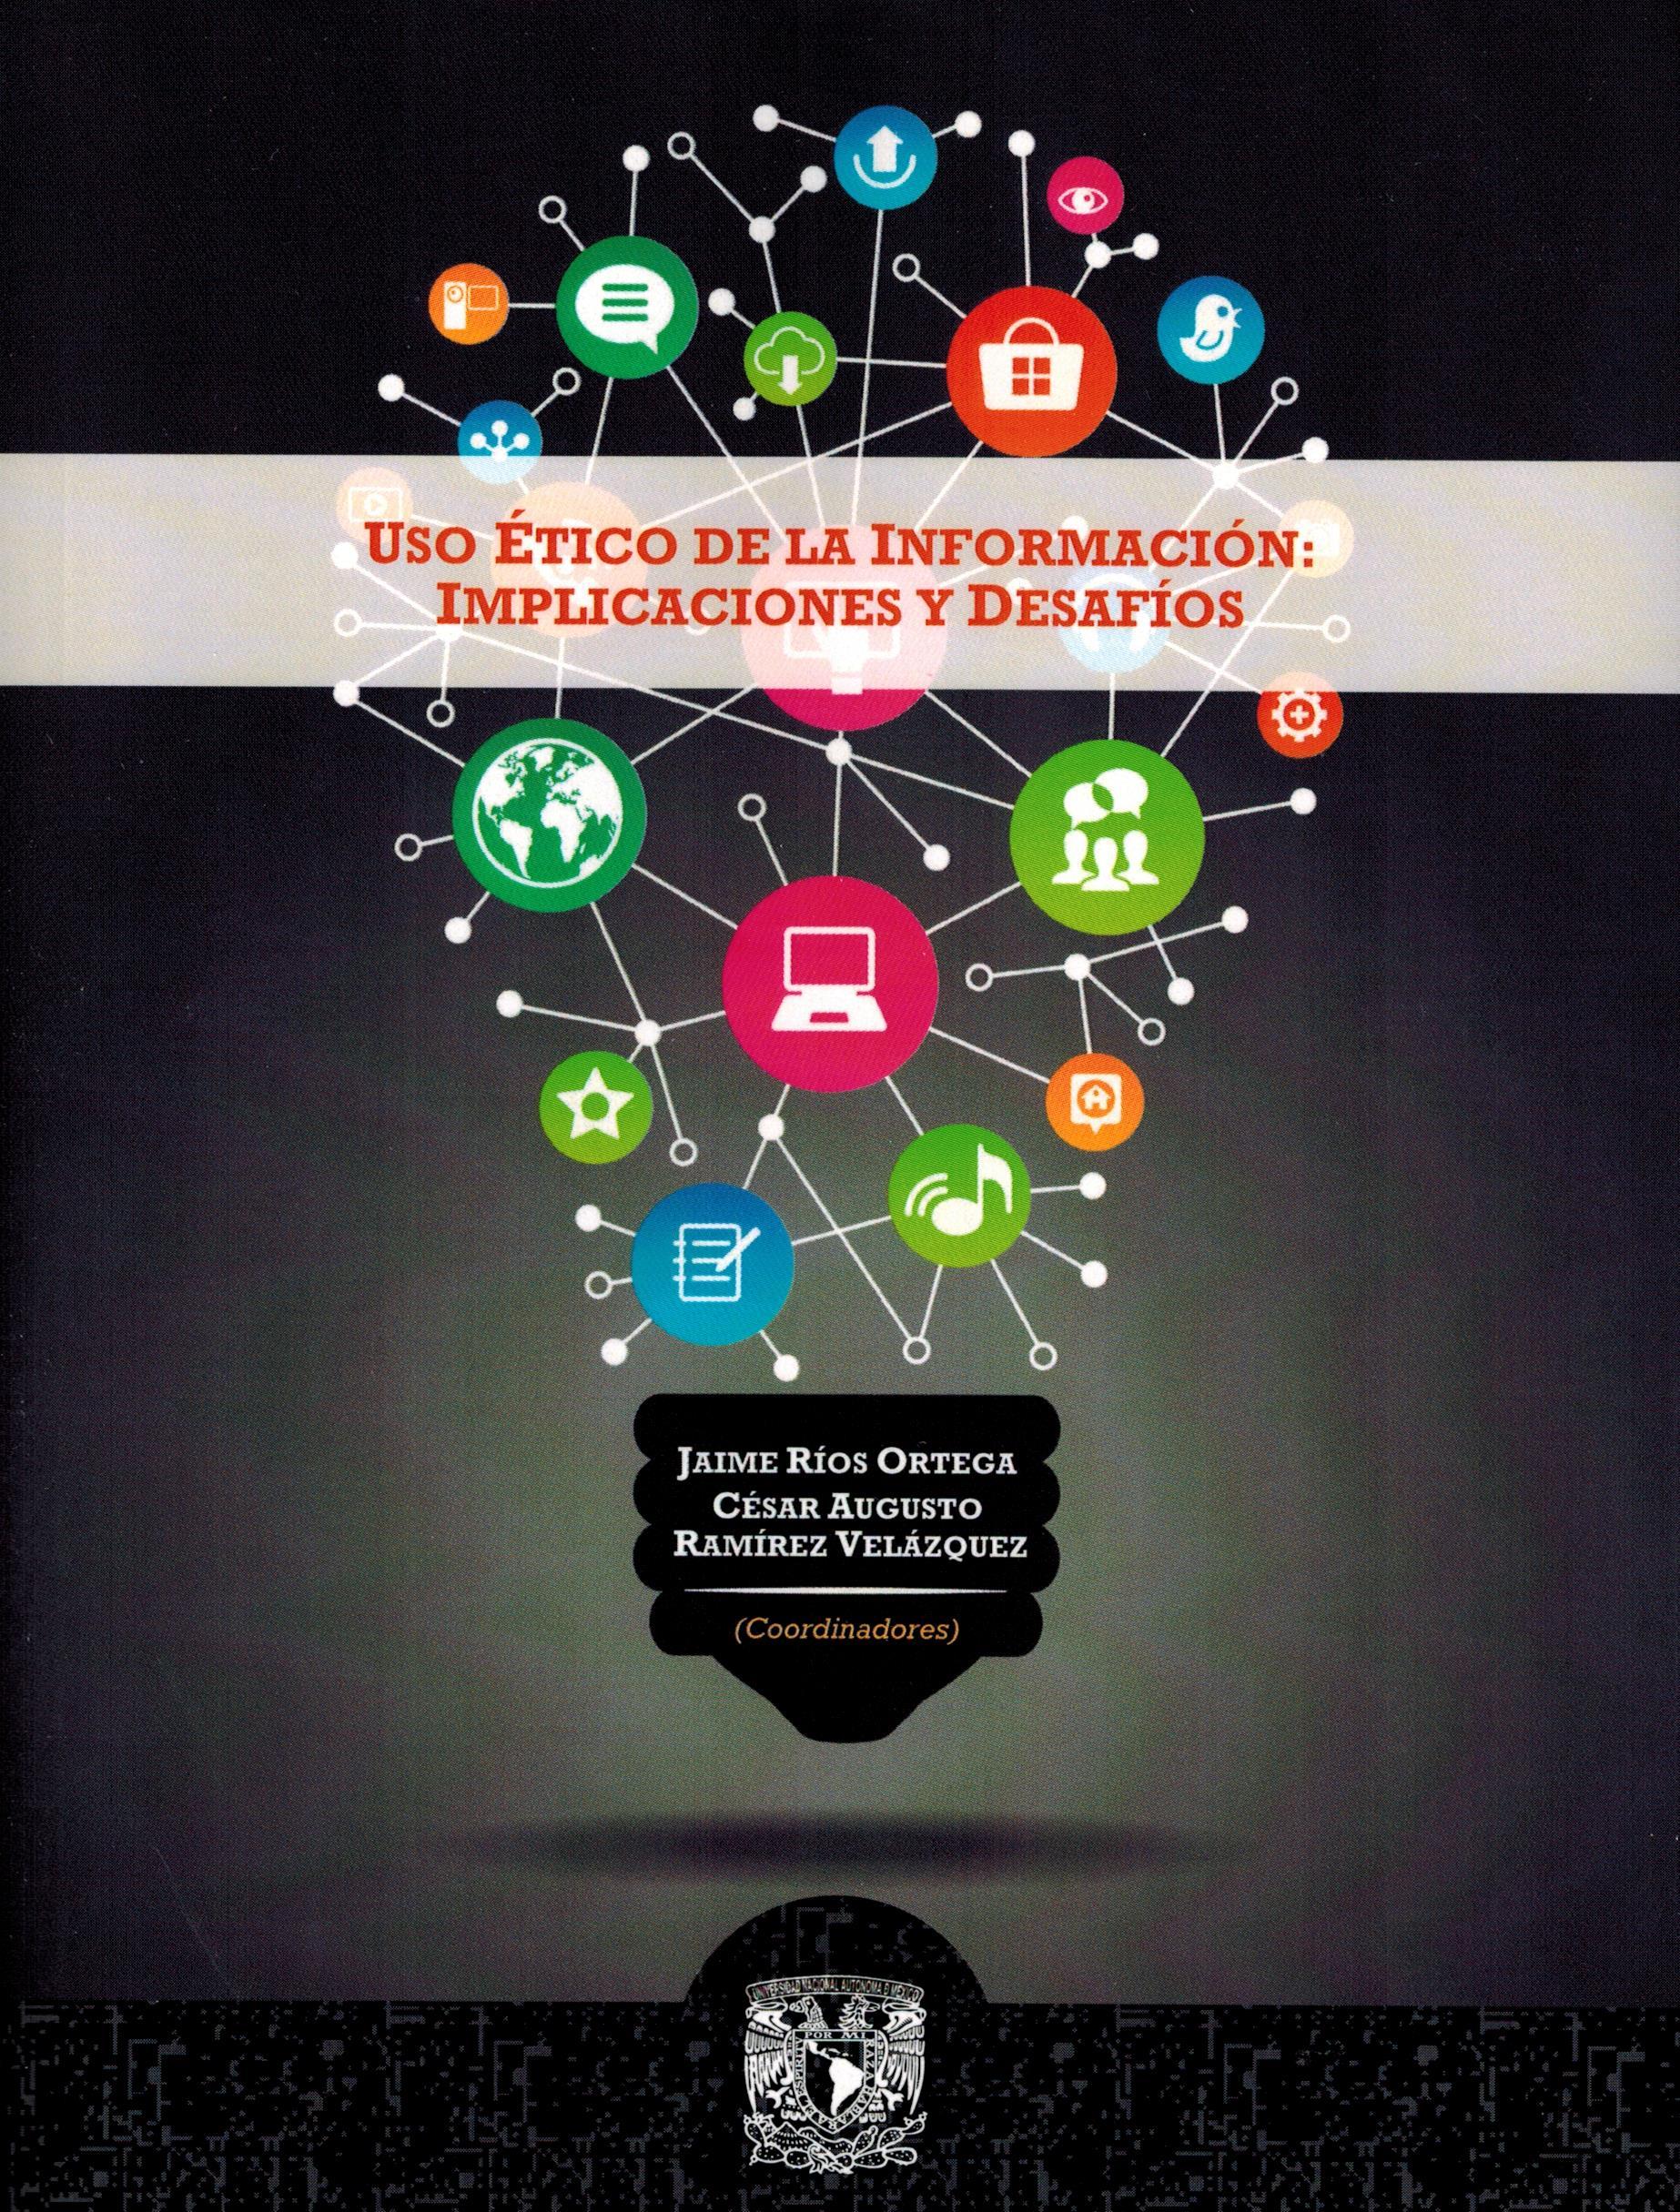 Uso ético de la información: implicaciones y desafíos